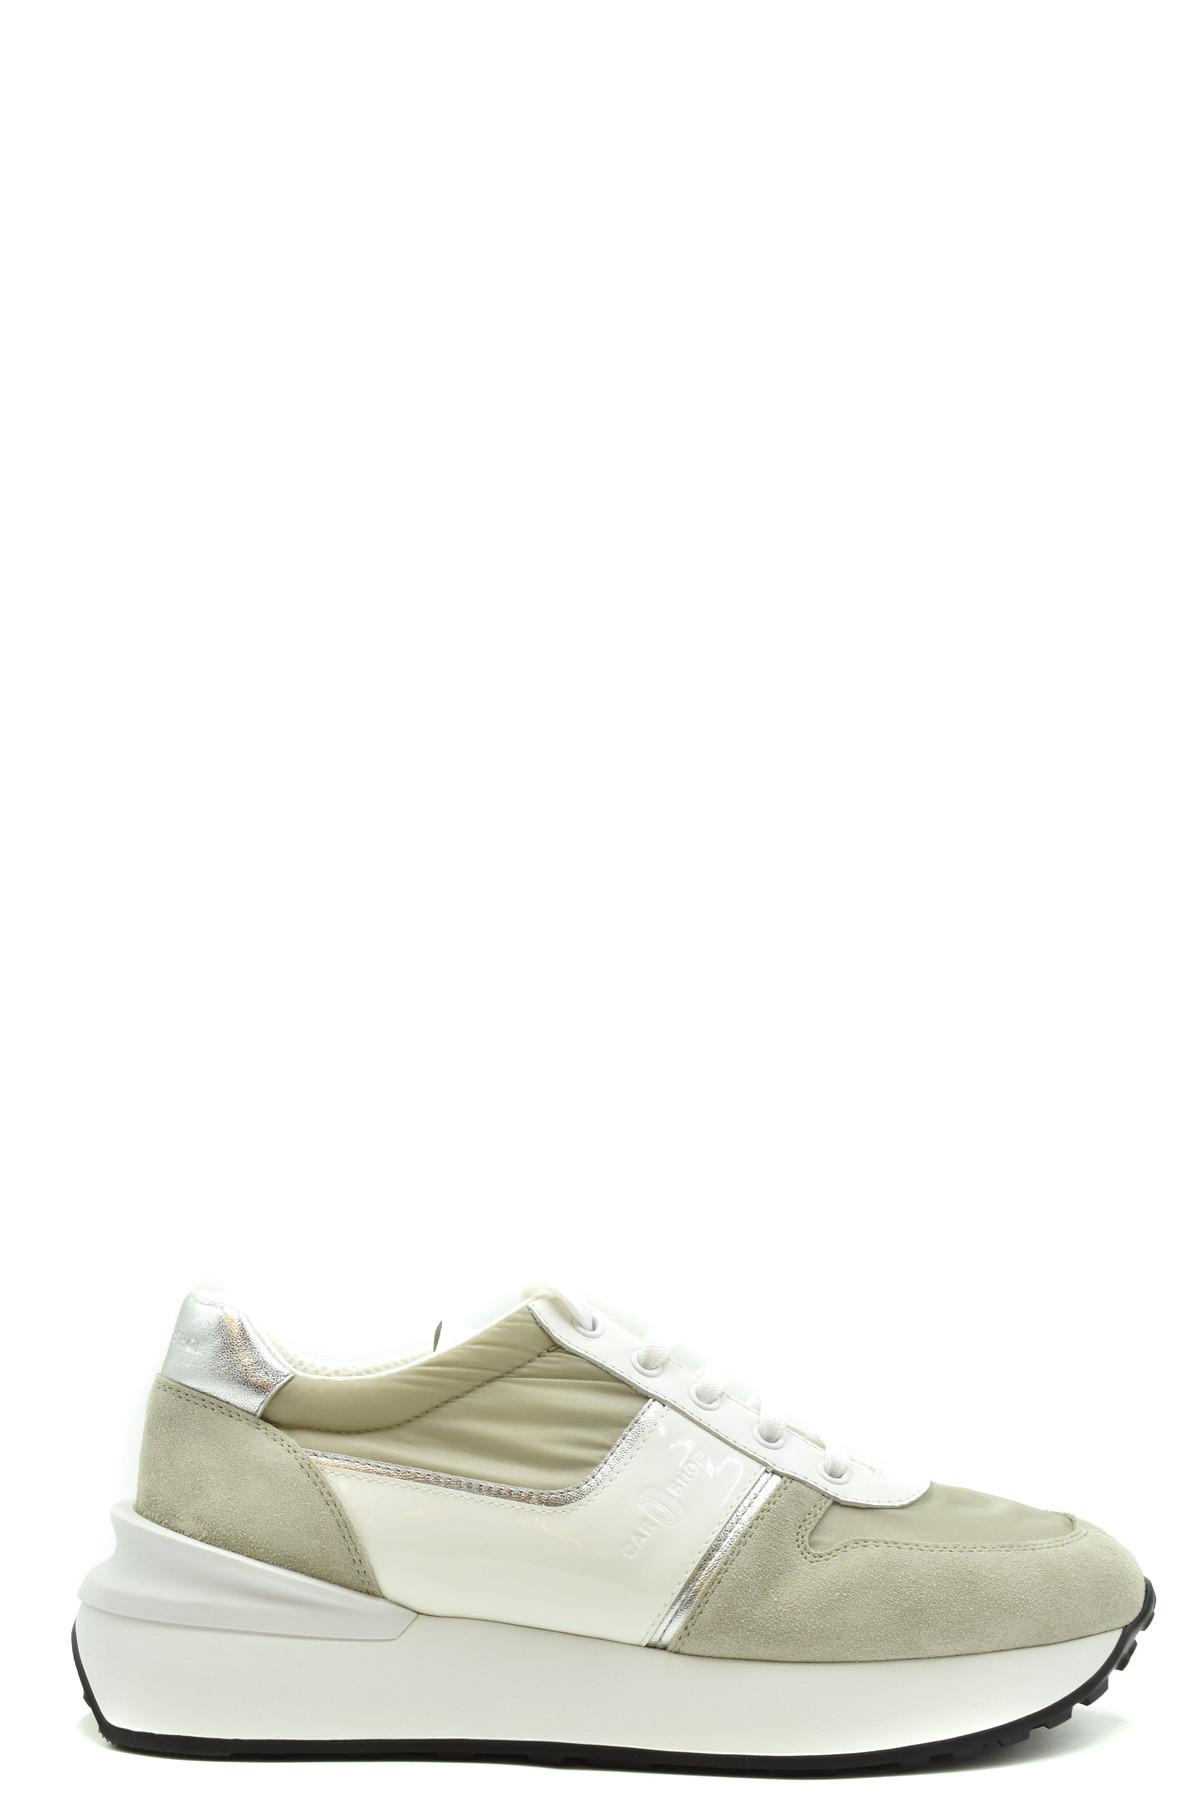 Marchio Car Shoe Genere Donna Tipologia Sneakers Stagione Primavera/Estate …